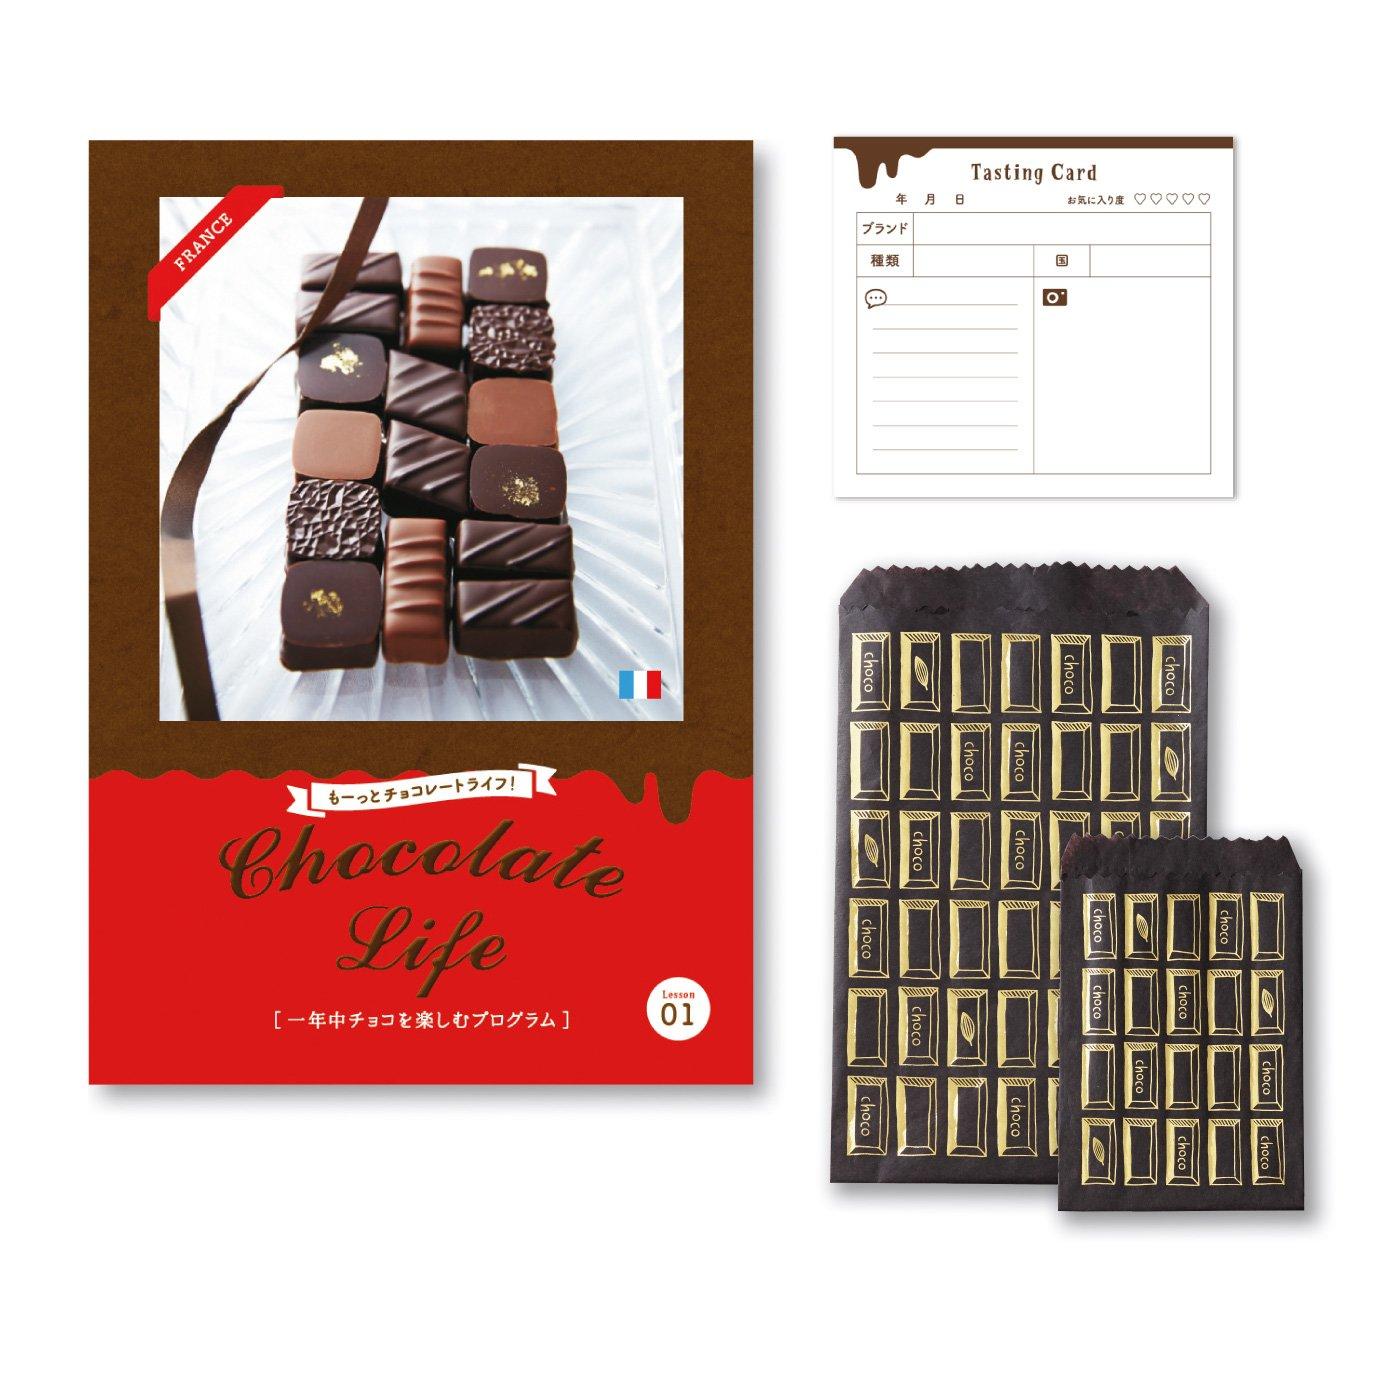 もーっとチョコレートライフ!一年中チョコを楽しむプログラム [12回予約プログラム]